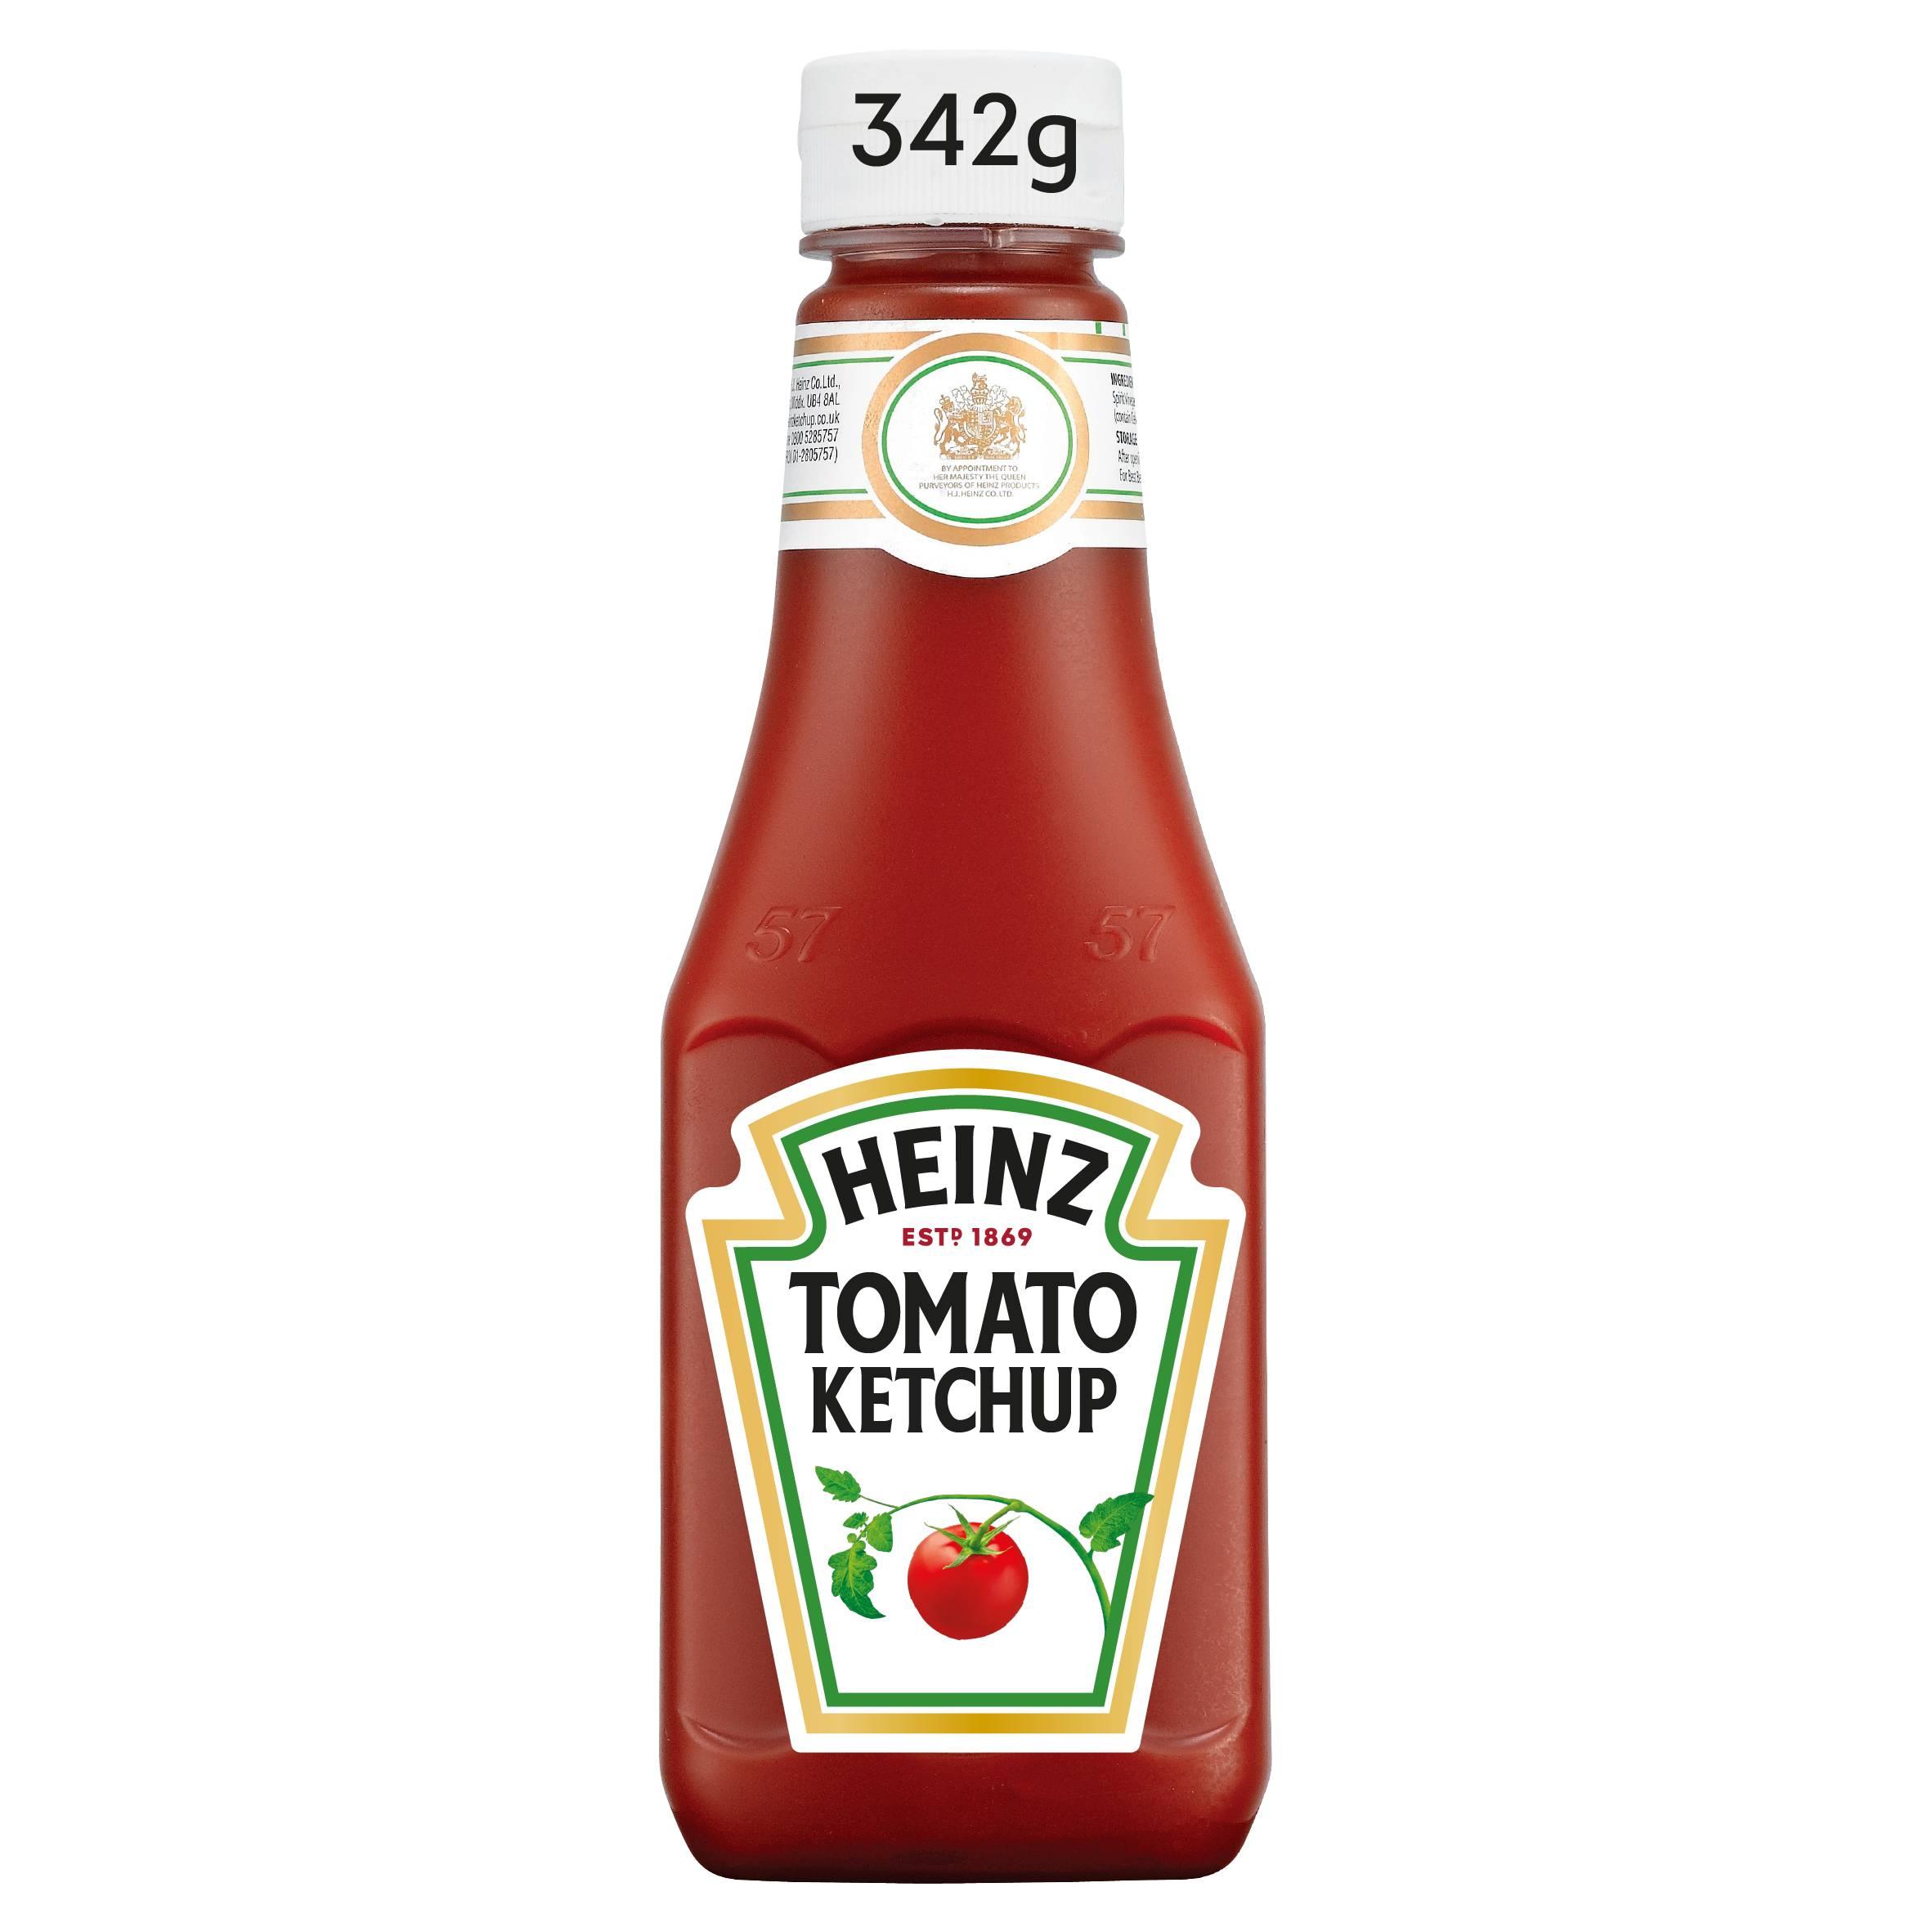 Heinz Tomato Ketchup 342gm Bottom Up image